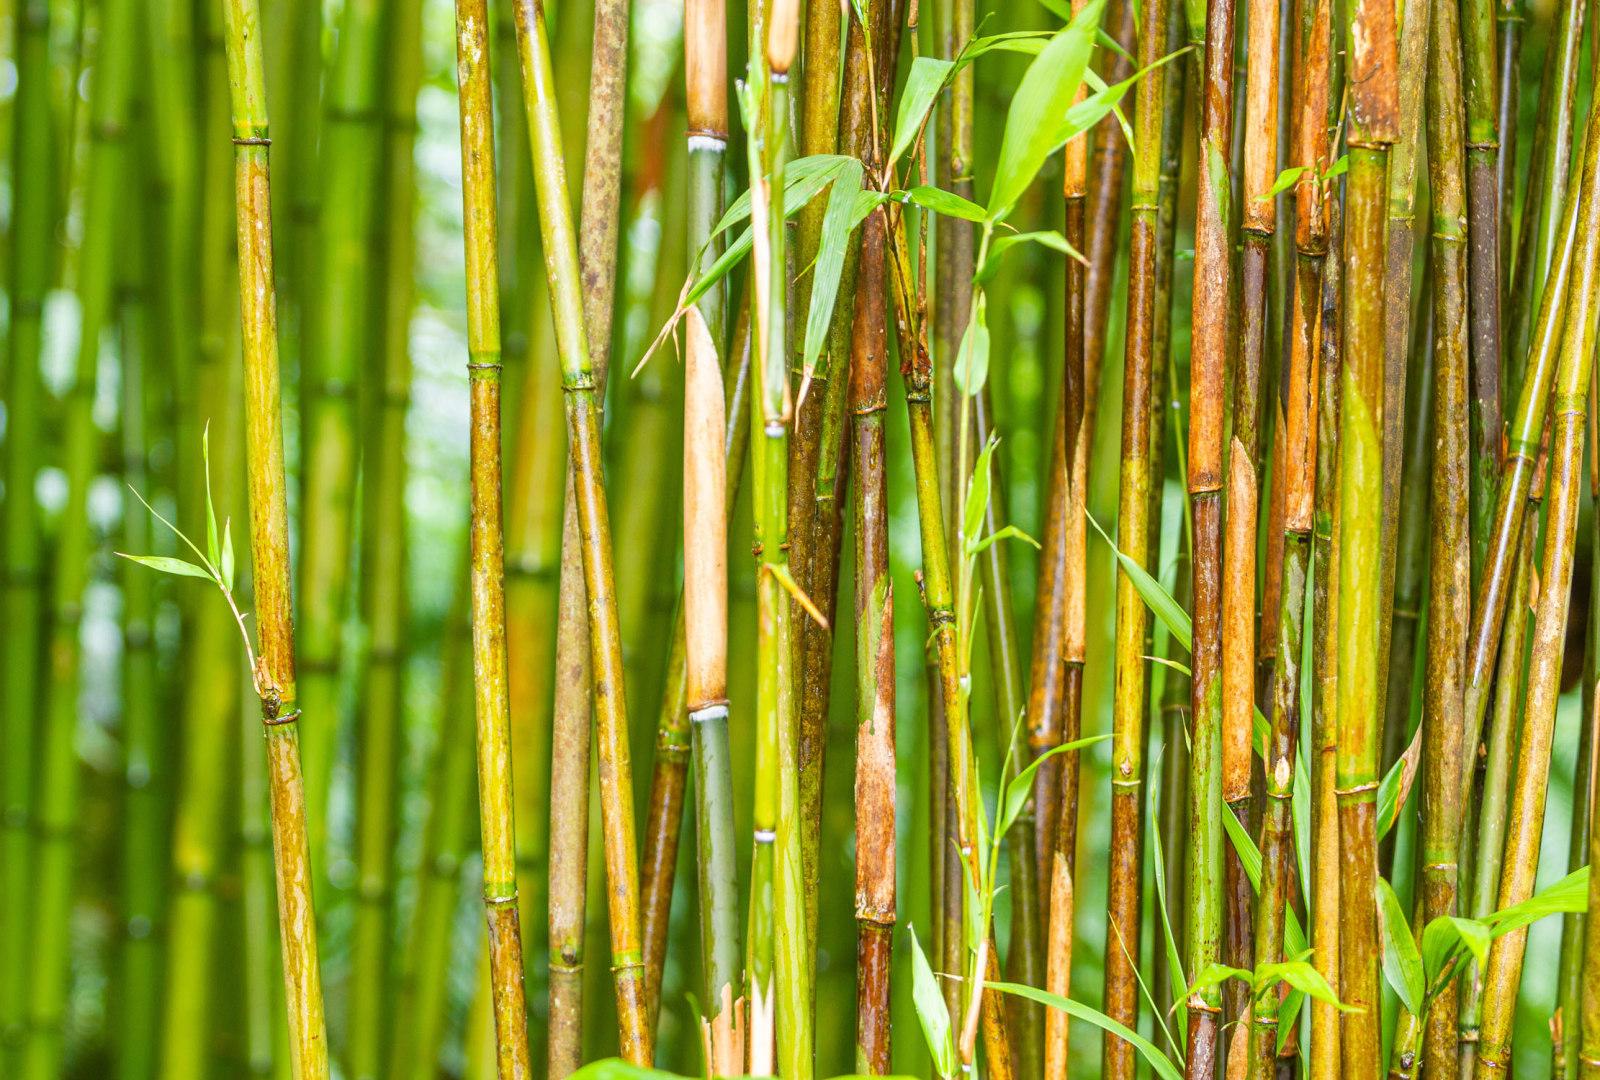 Pleioblastus simonii bamboo at trebah